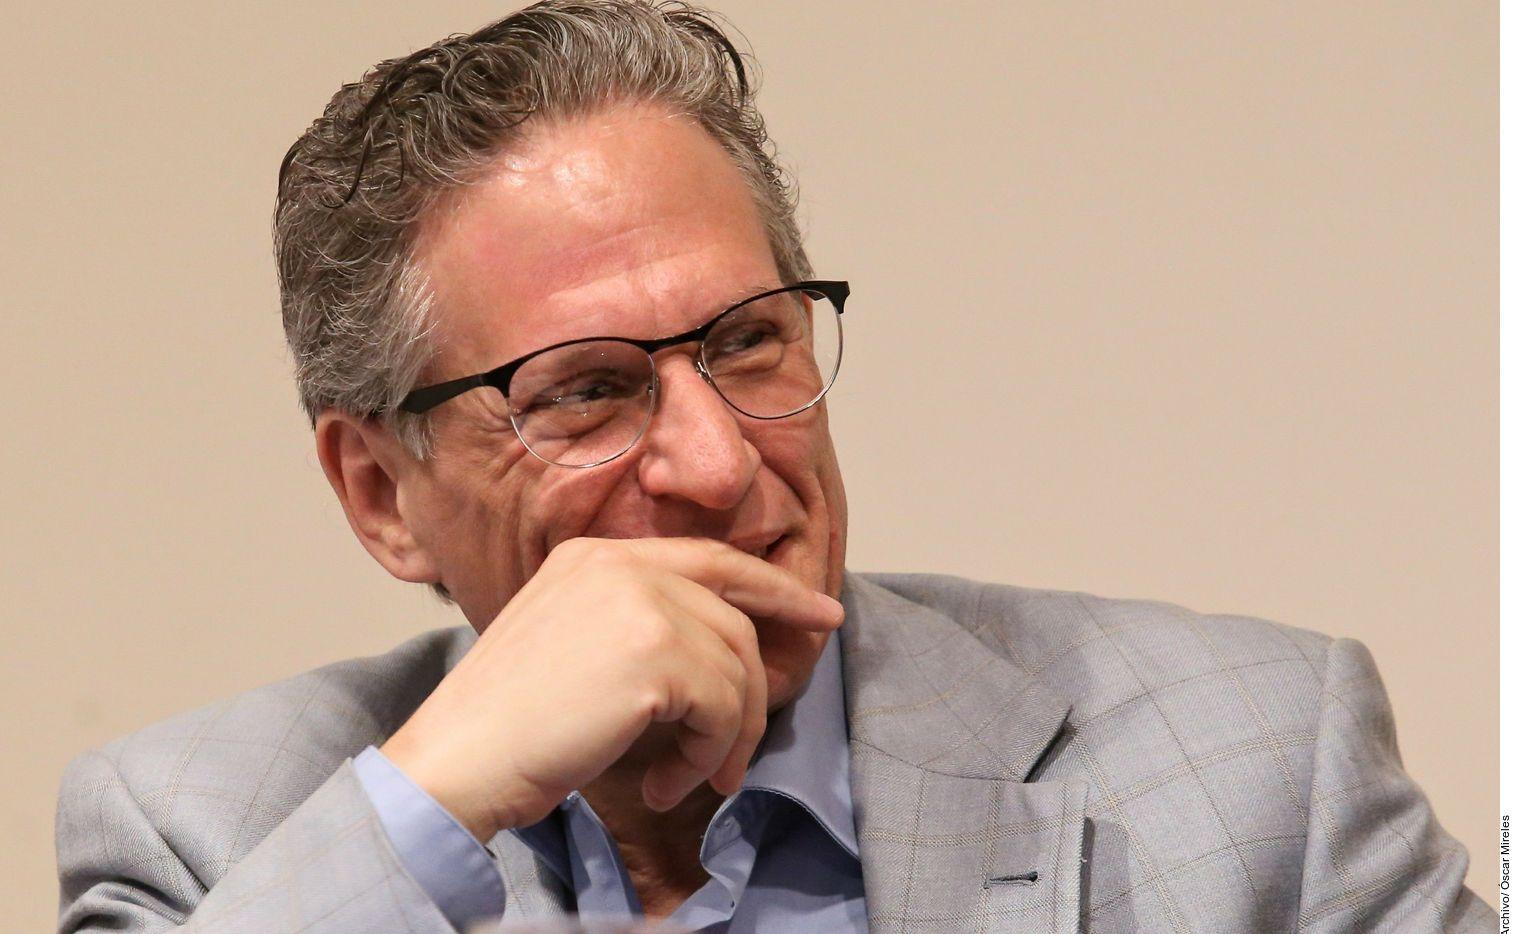 Sandro Cohen falleció a los 67 años víctima de coronavirus.